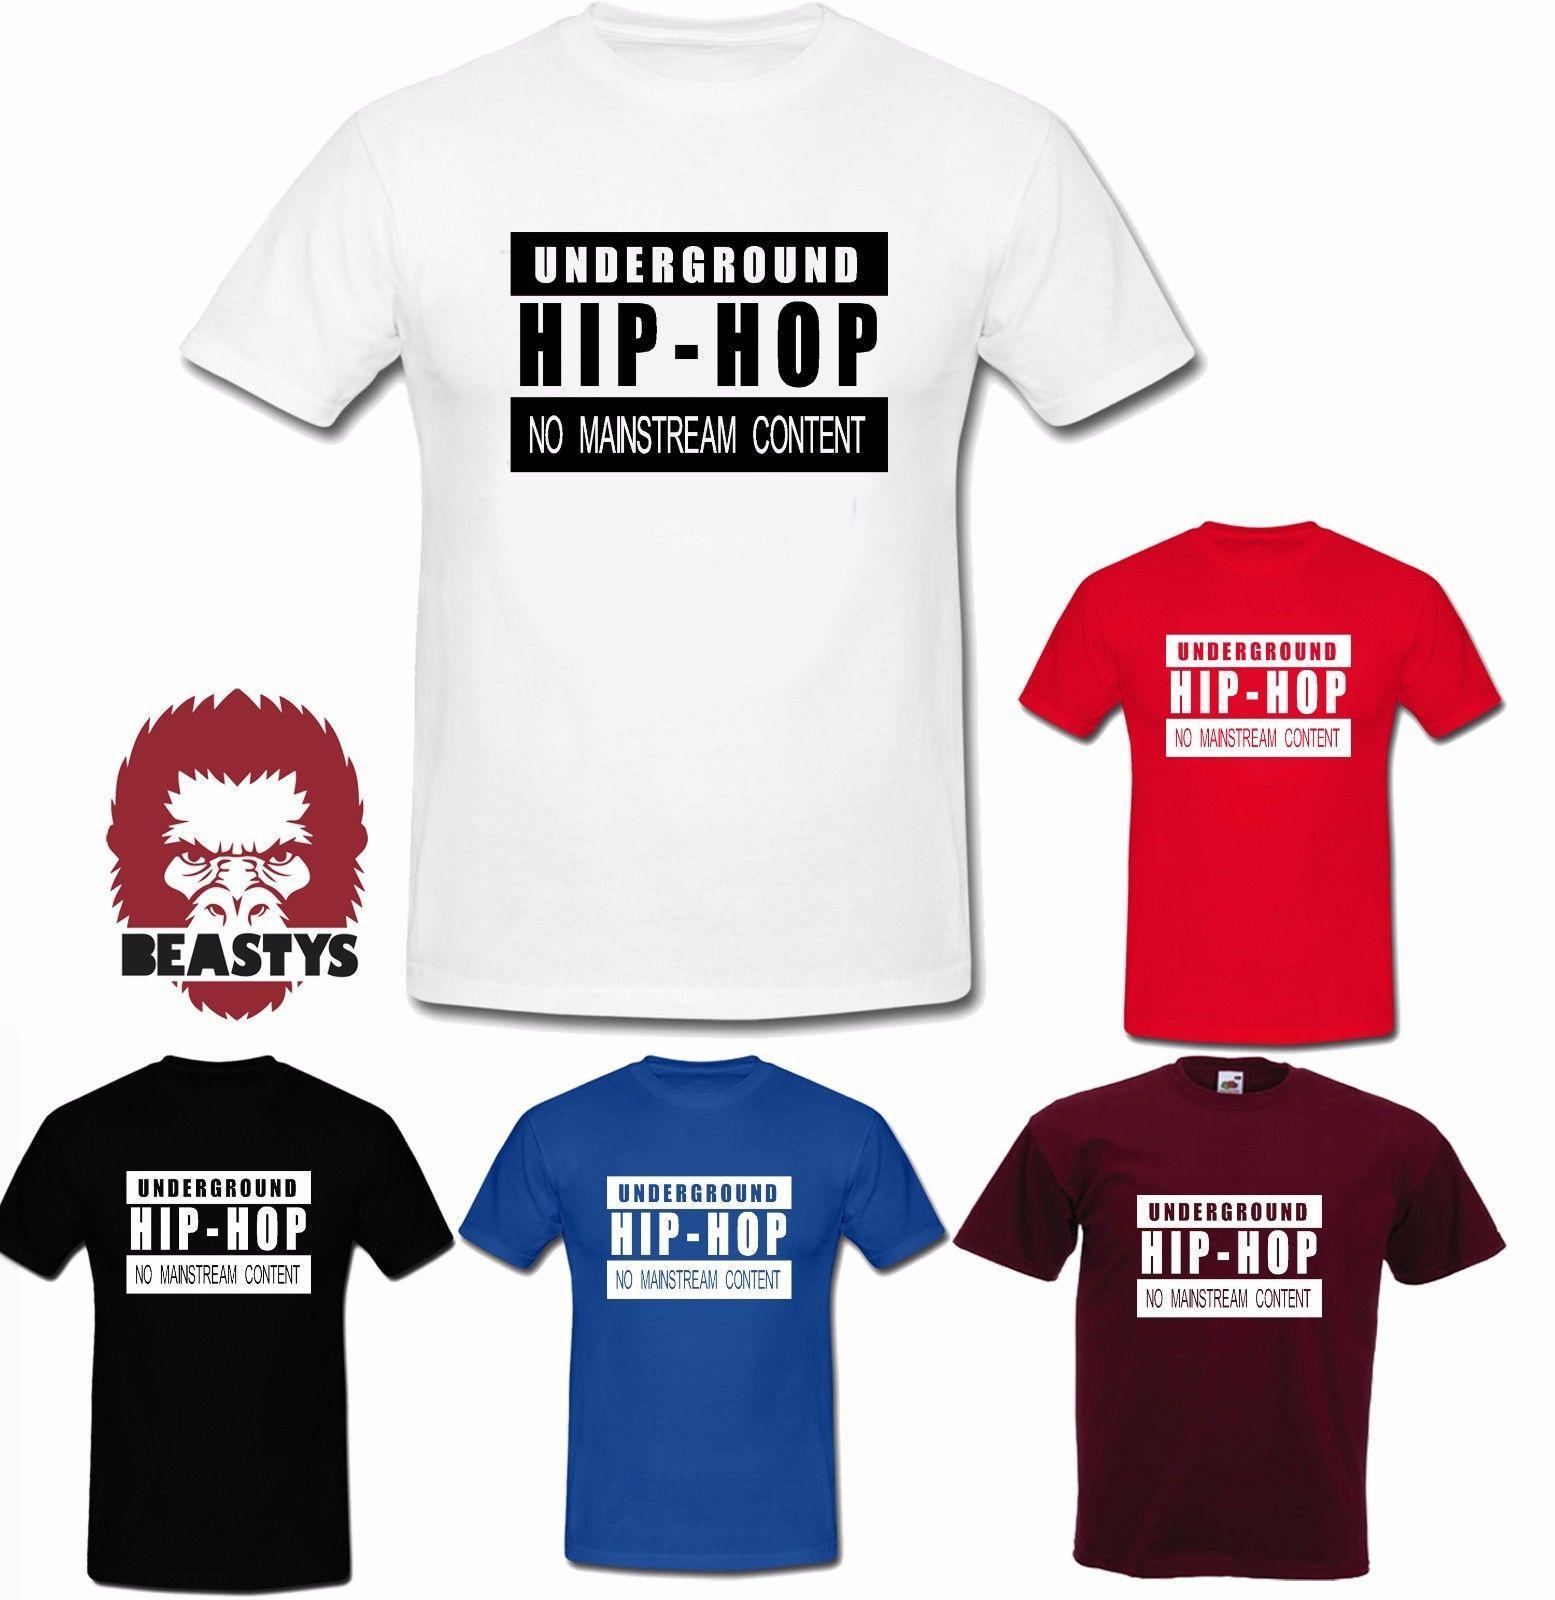 underground hip hop rap pas mainstream quête T-shirts enfants / vêtements pour adultes tribu cool fierté Casual hommes t-shirt unisexe New Mode